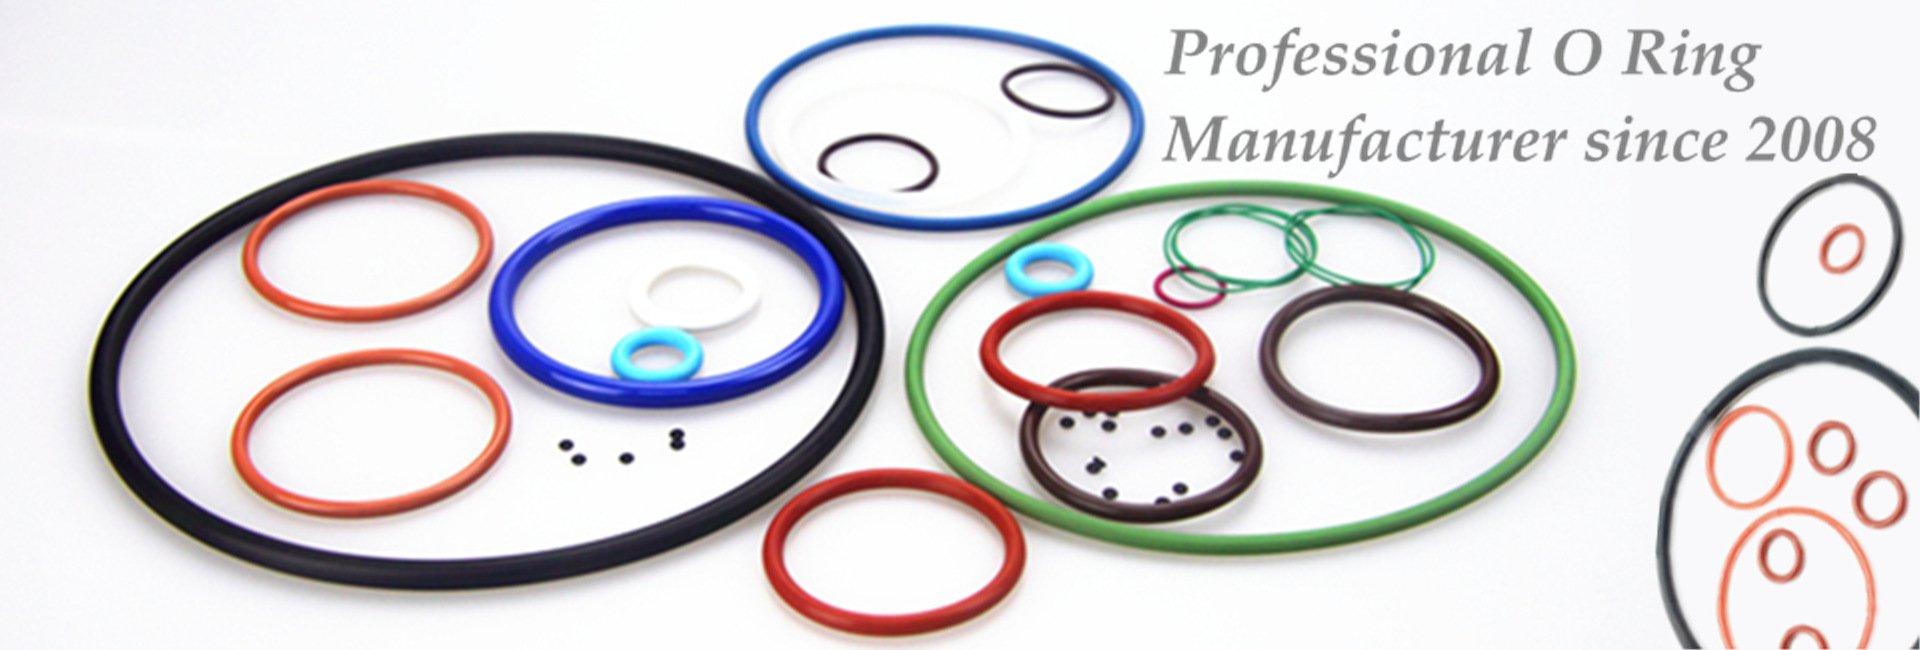 O Ring Manufacturer & Supplier